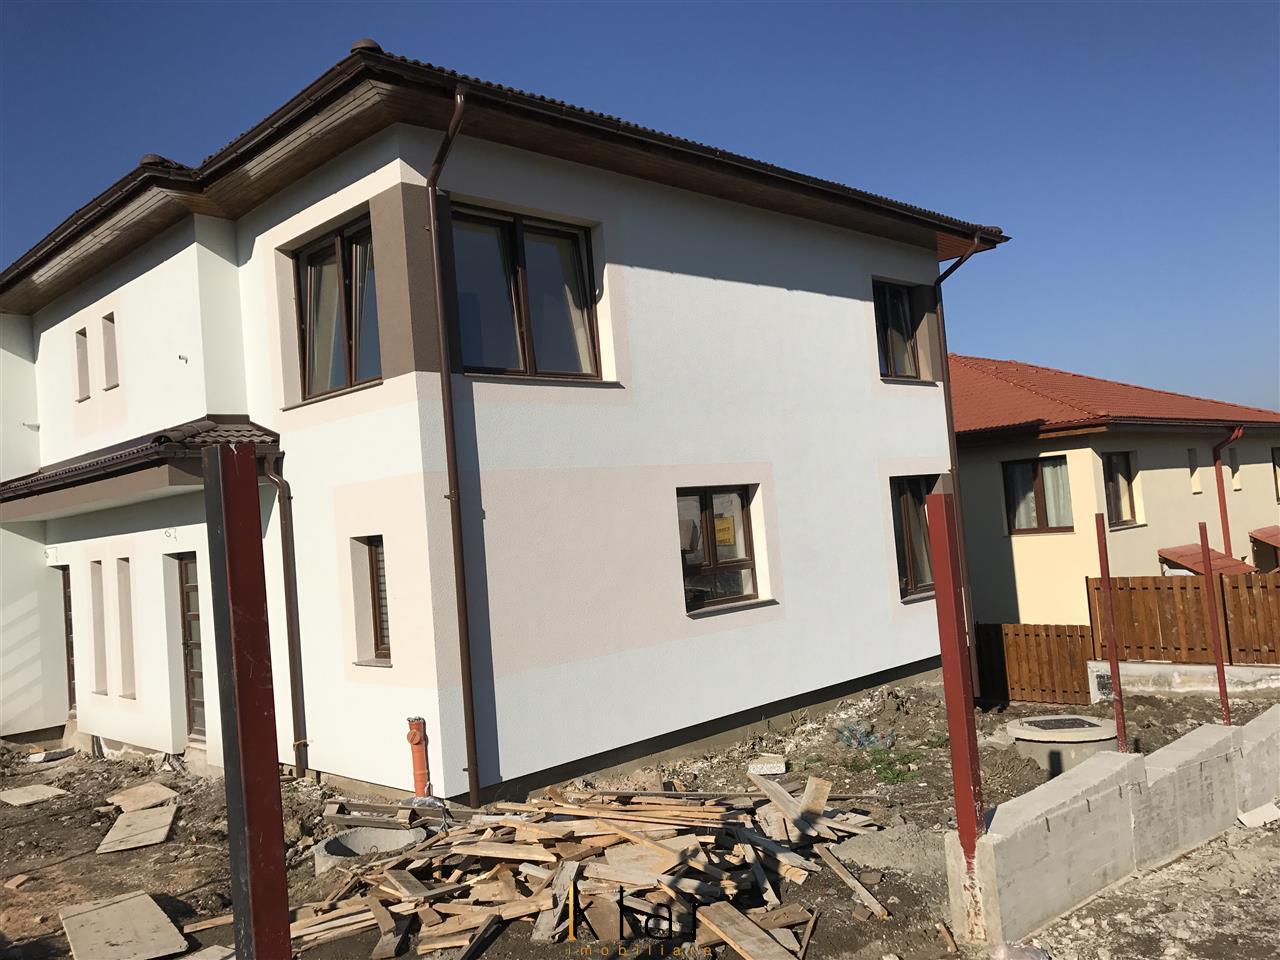 Casa tip duplex cu terasa 26 mp in Borhanci